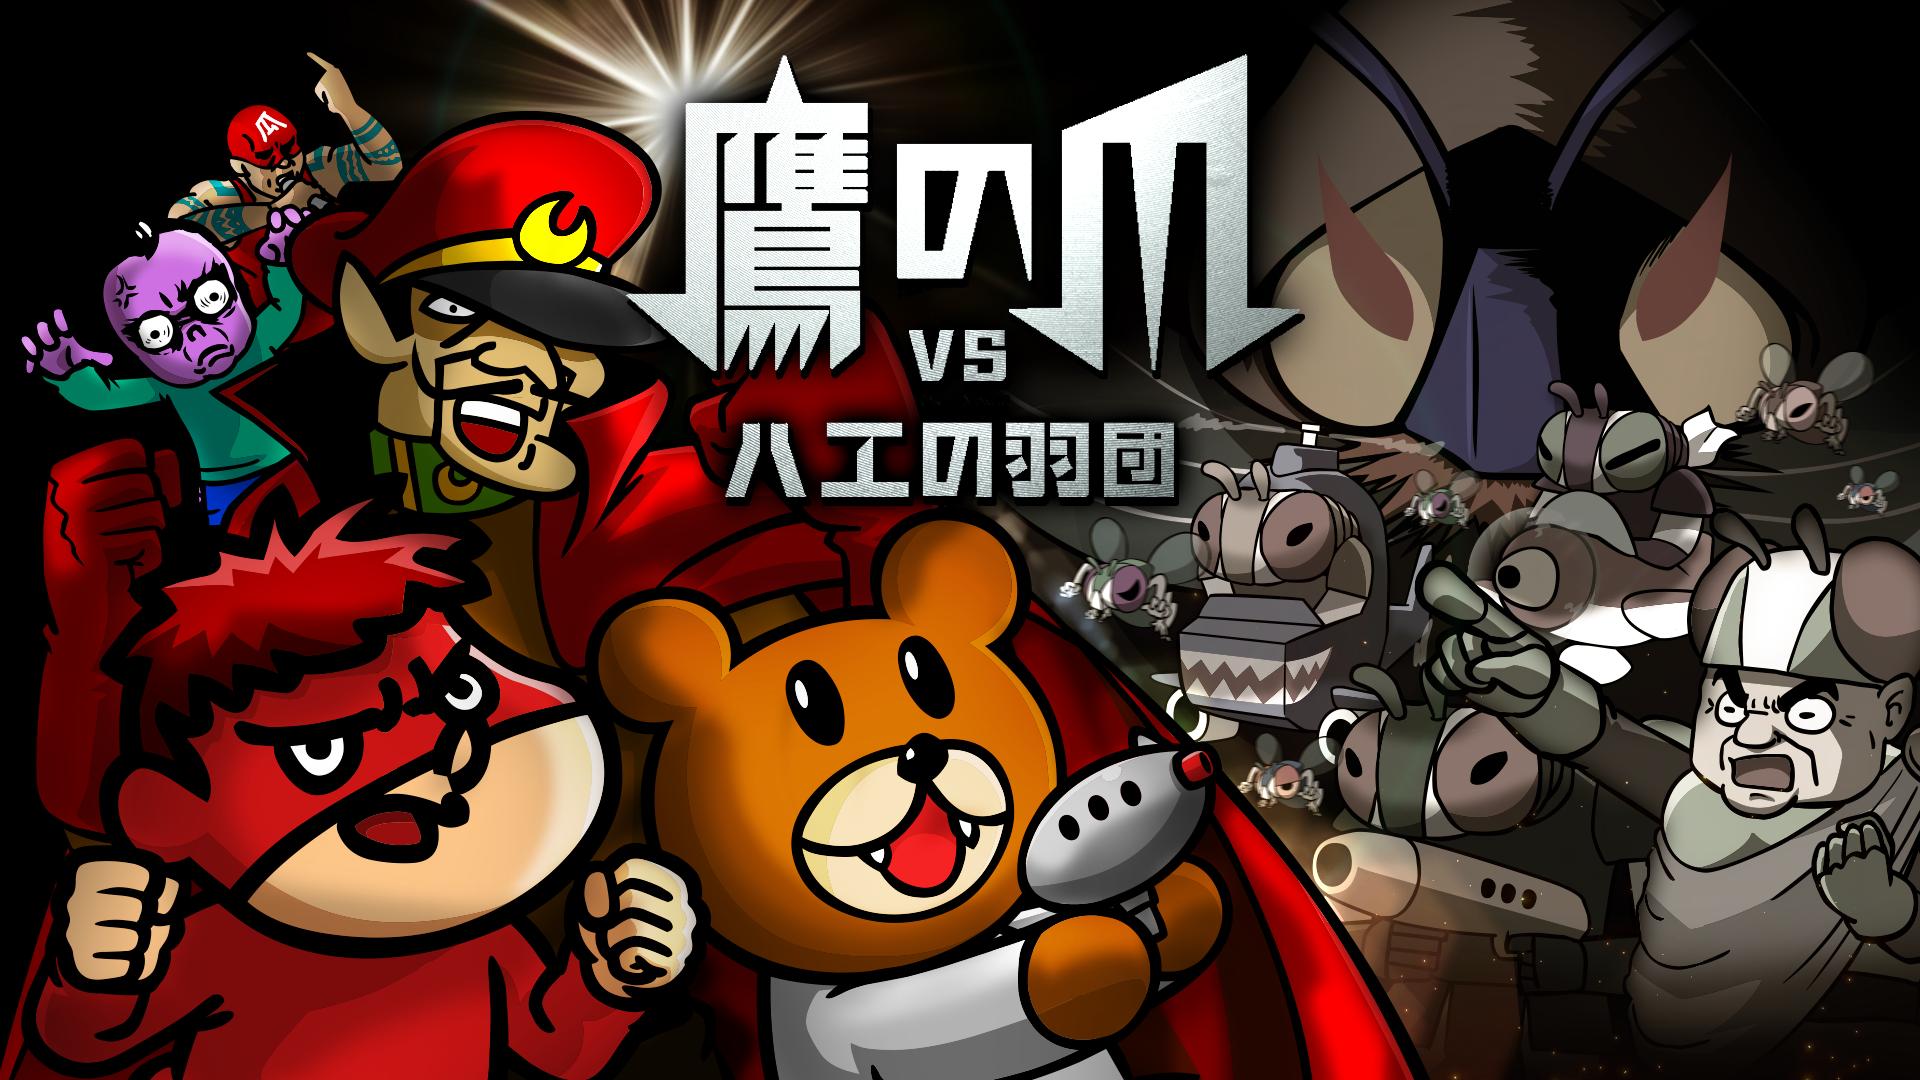 【鷹の爪】くそムズ ゲーム「鷹の爪VSハエの羽団」STEAM (PC版)でも登場!